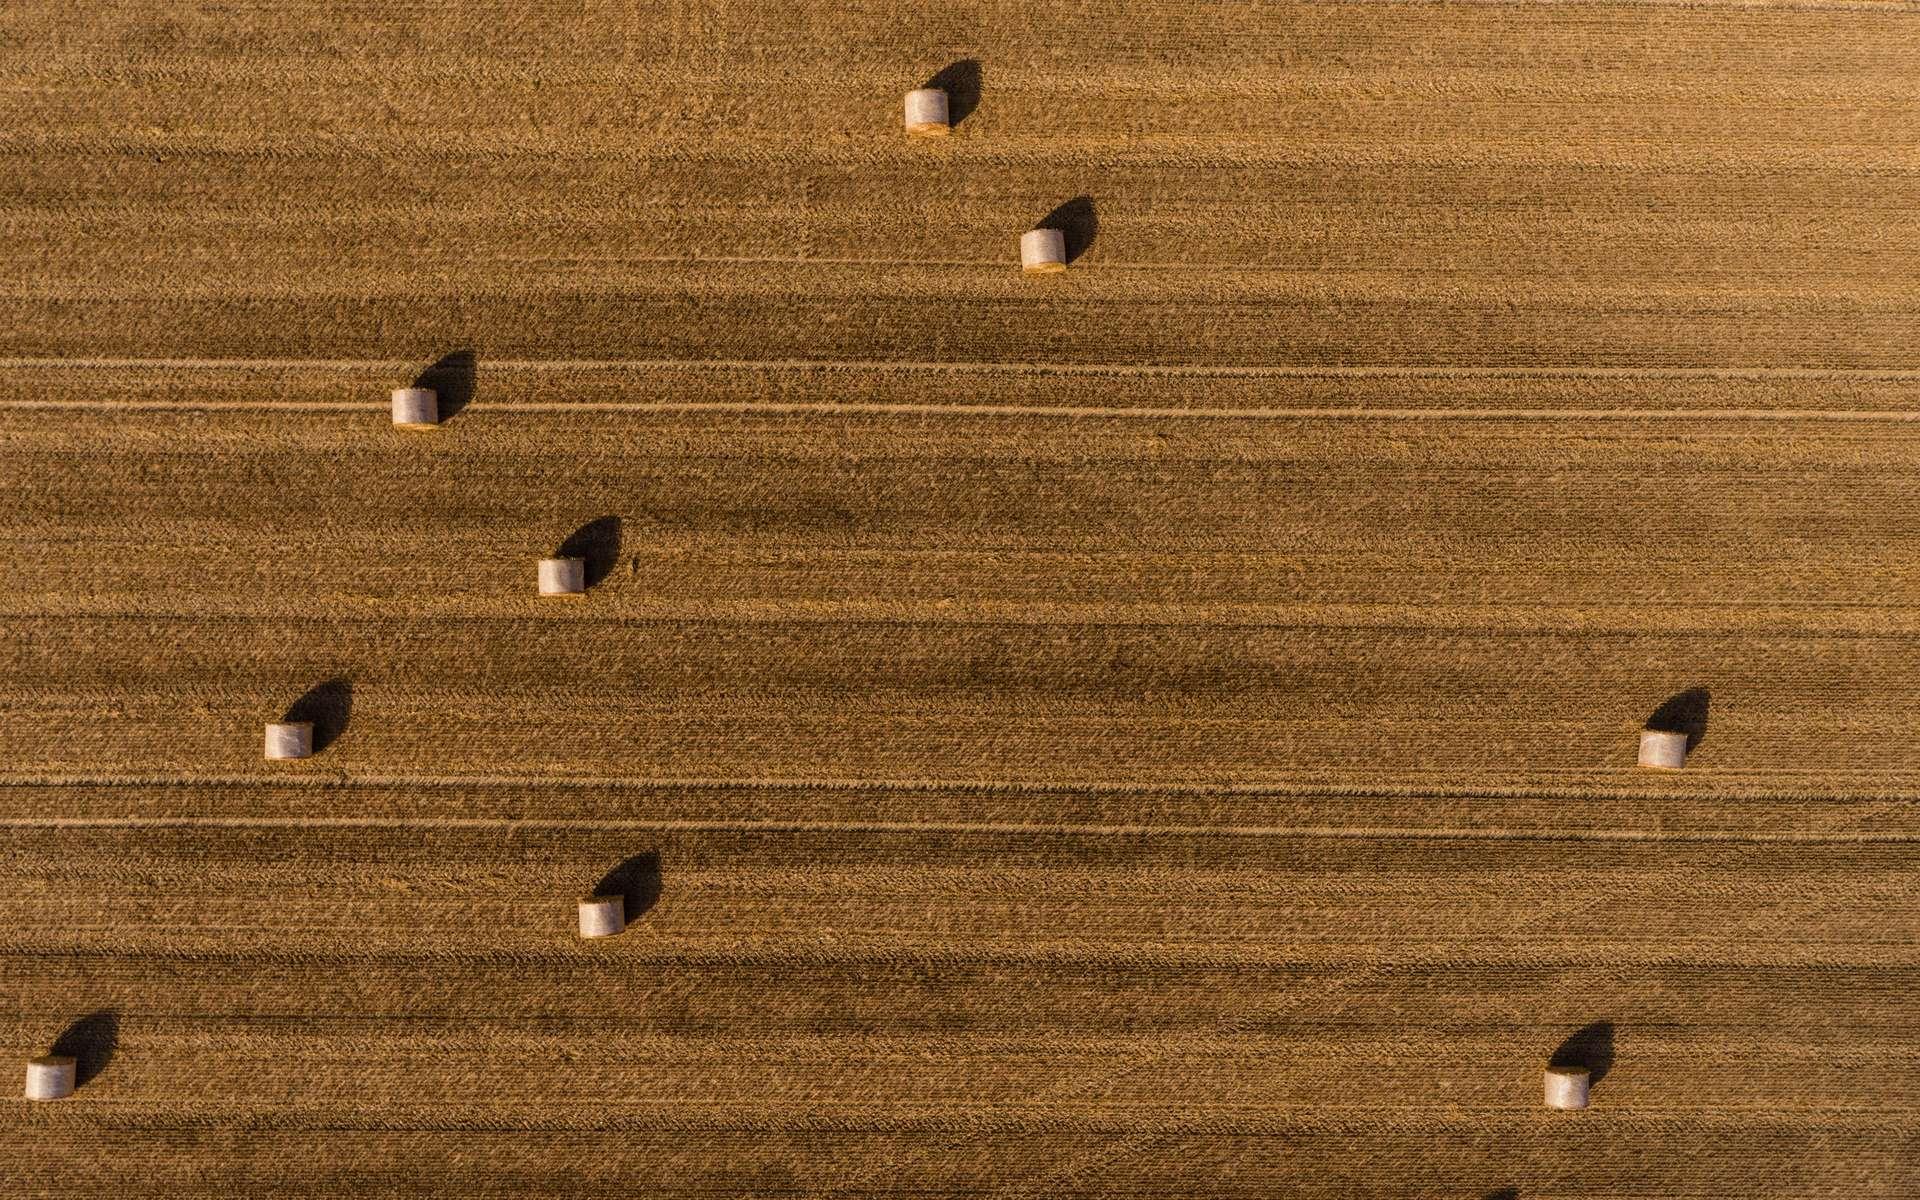 L'impact du réchauffement sur les dates des récoltes. © Jean Wimmerlin, Unsplash